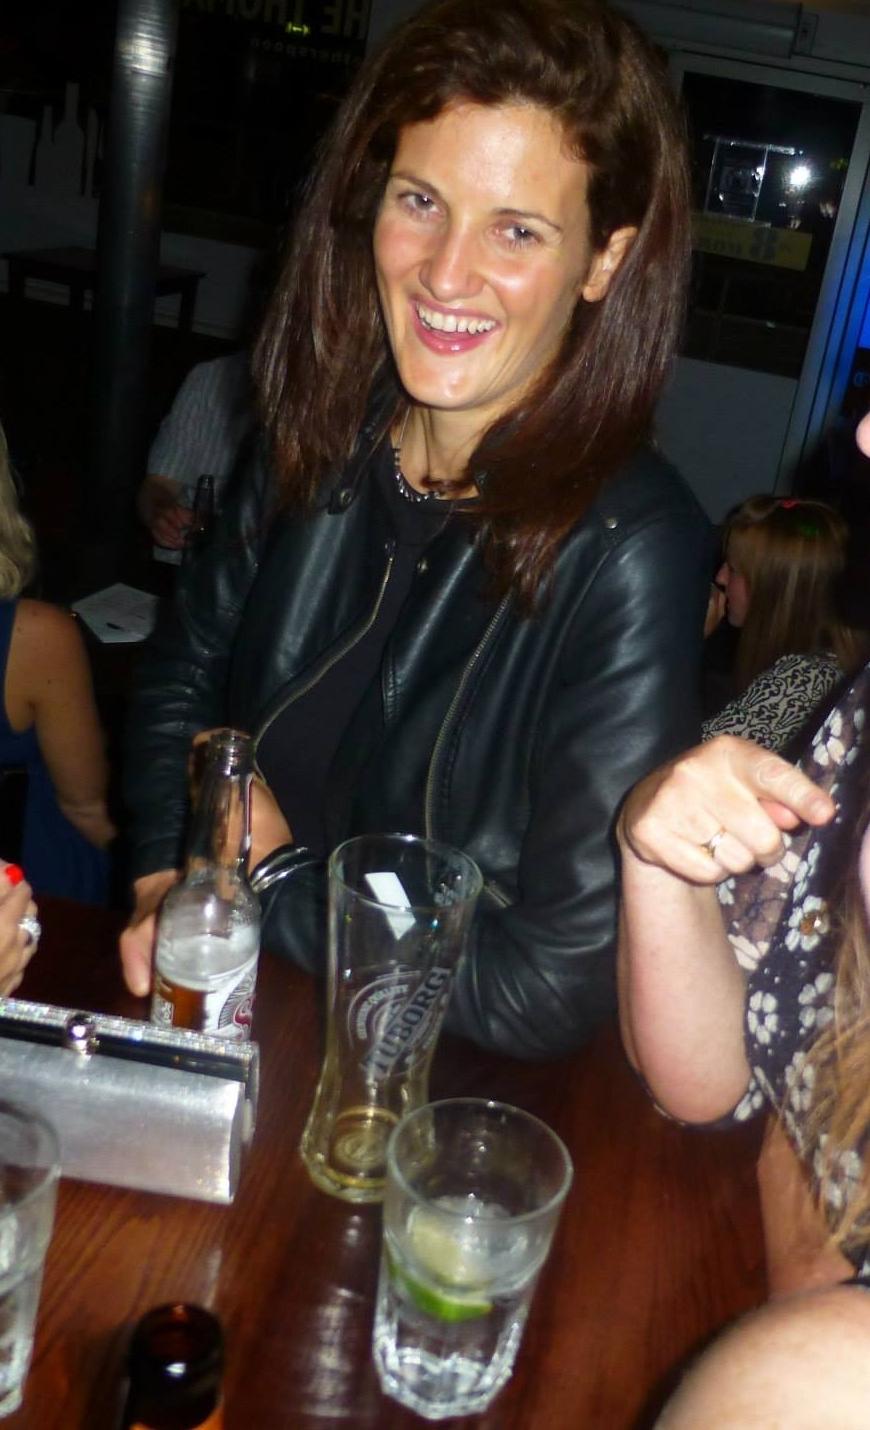 Photo for drinking blog.jpg